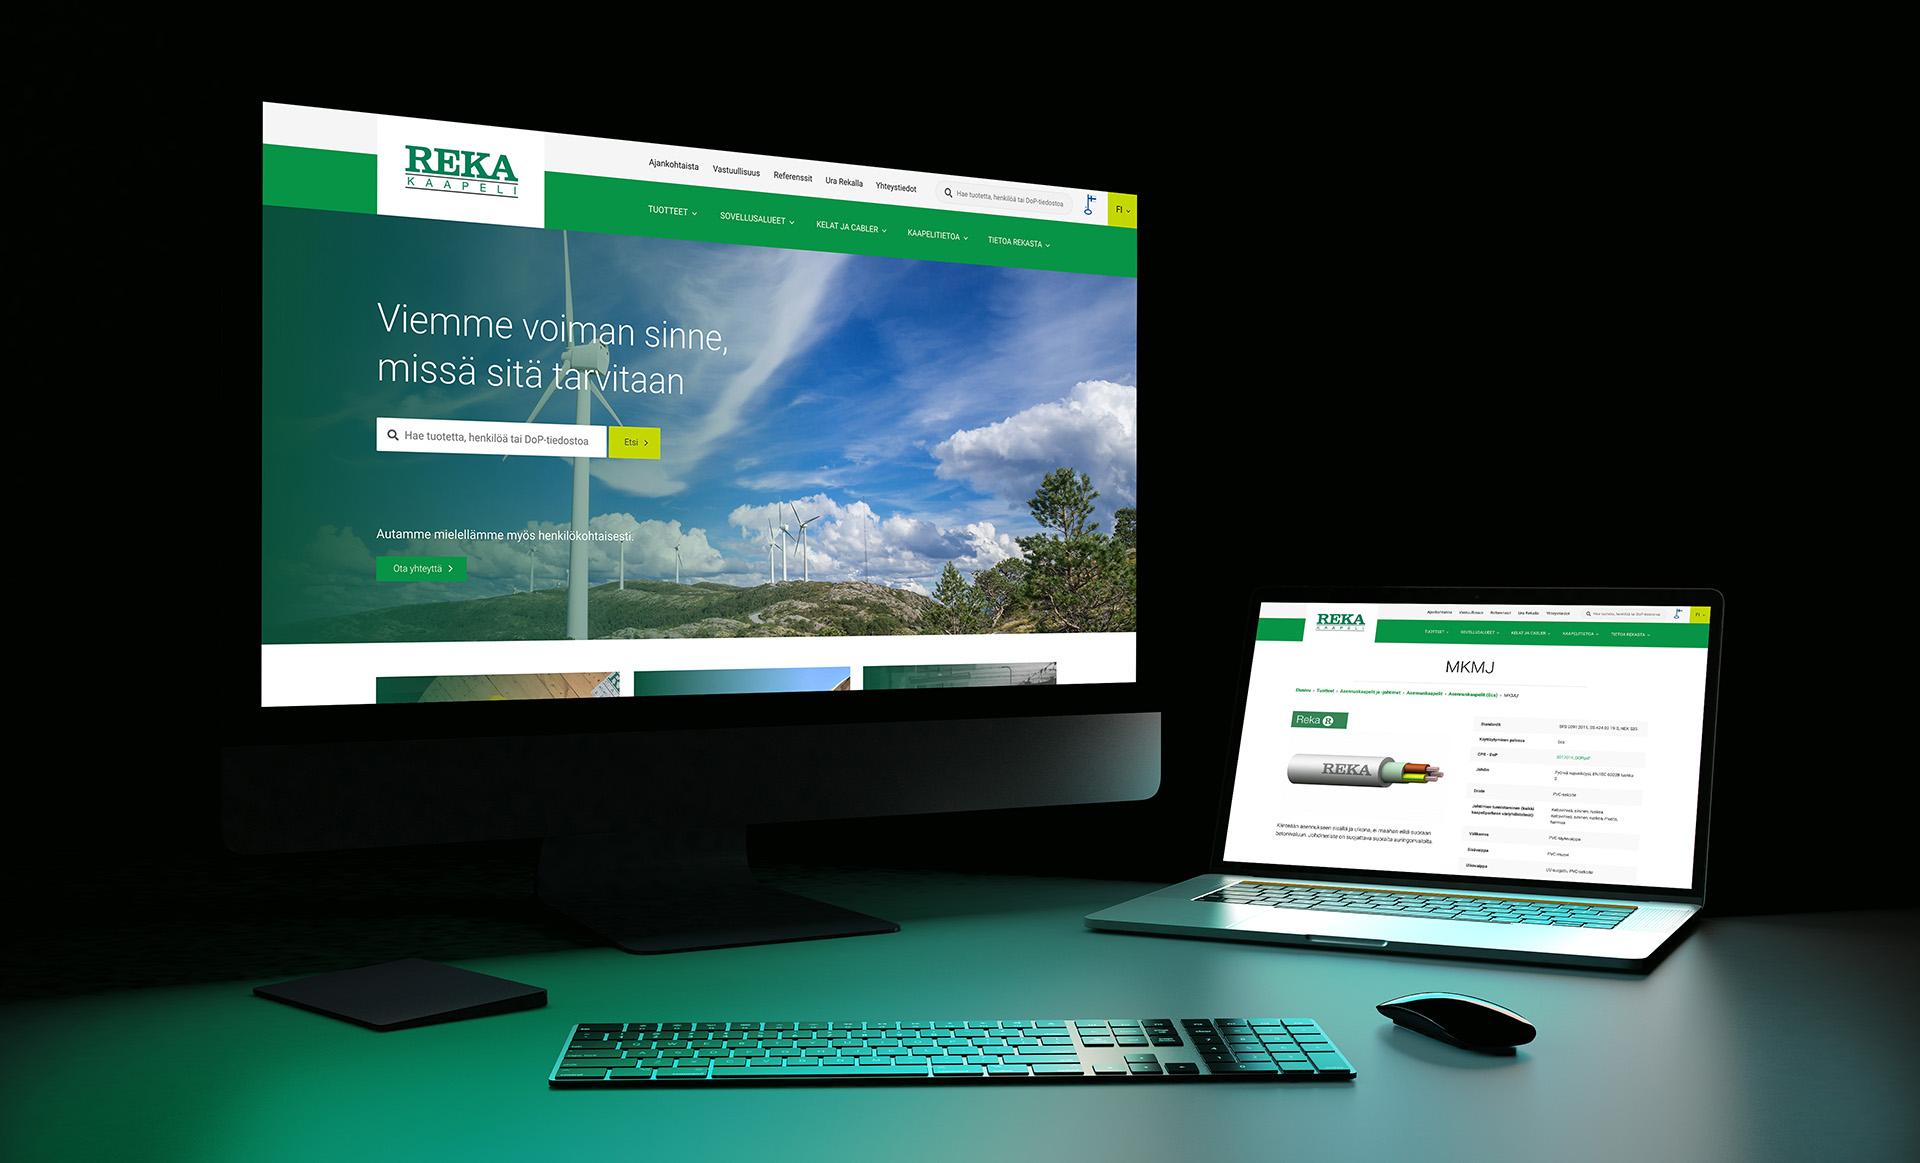 Reka.fi-verkkosivustouudistuksessa vaihdettiin julkaisujärjestelmä Drupalista WordPressiin